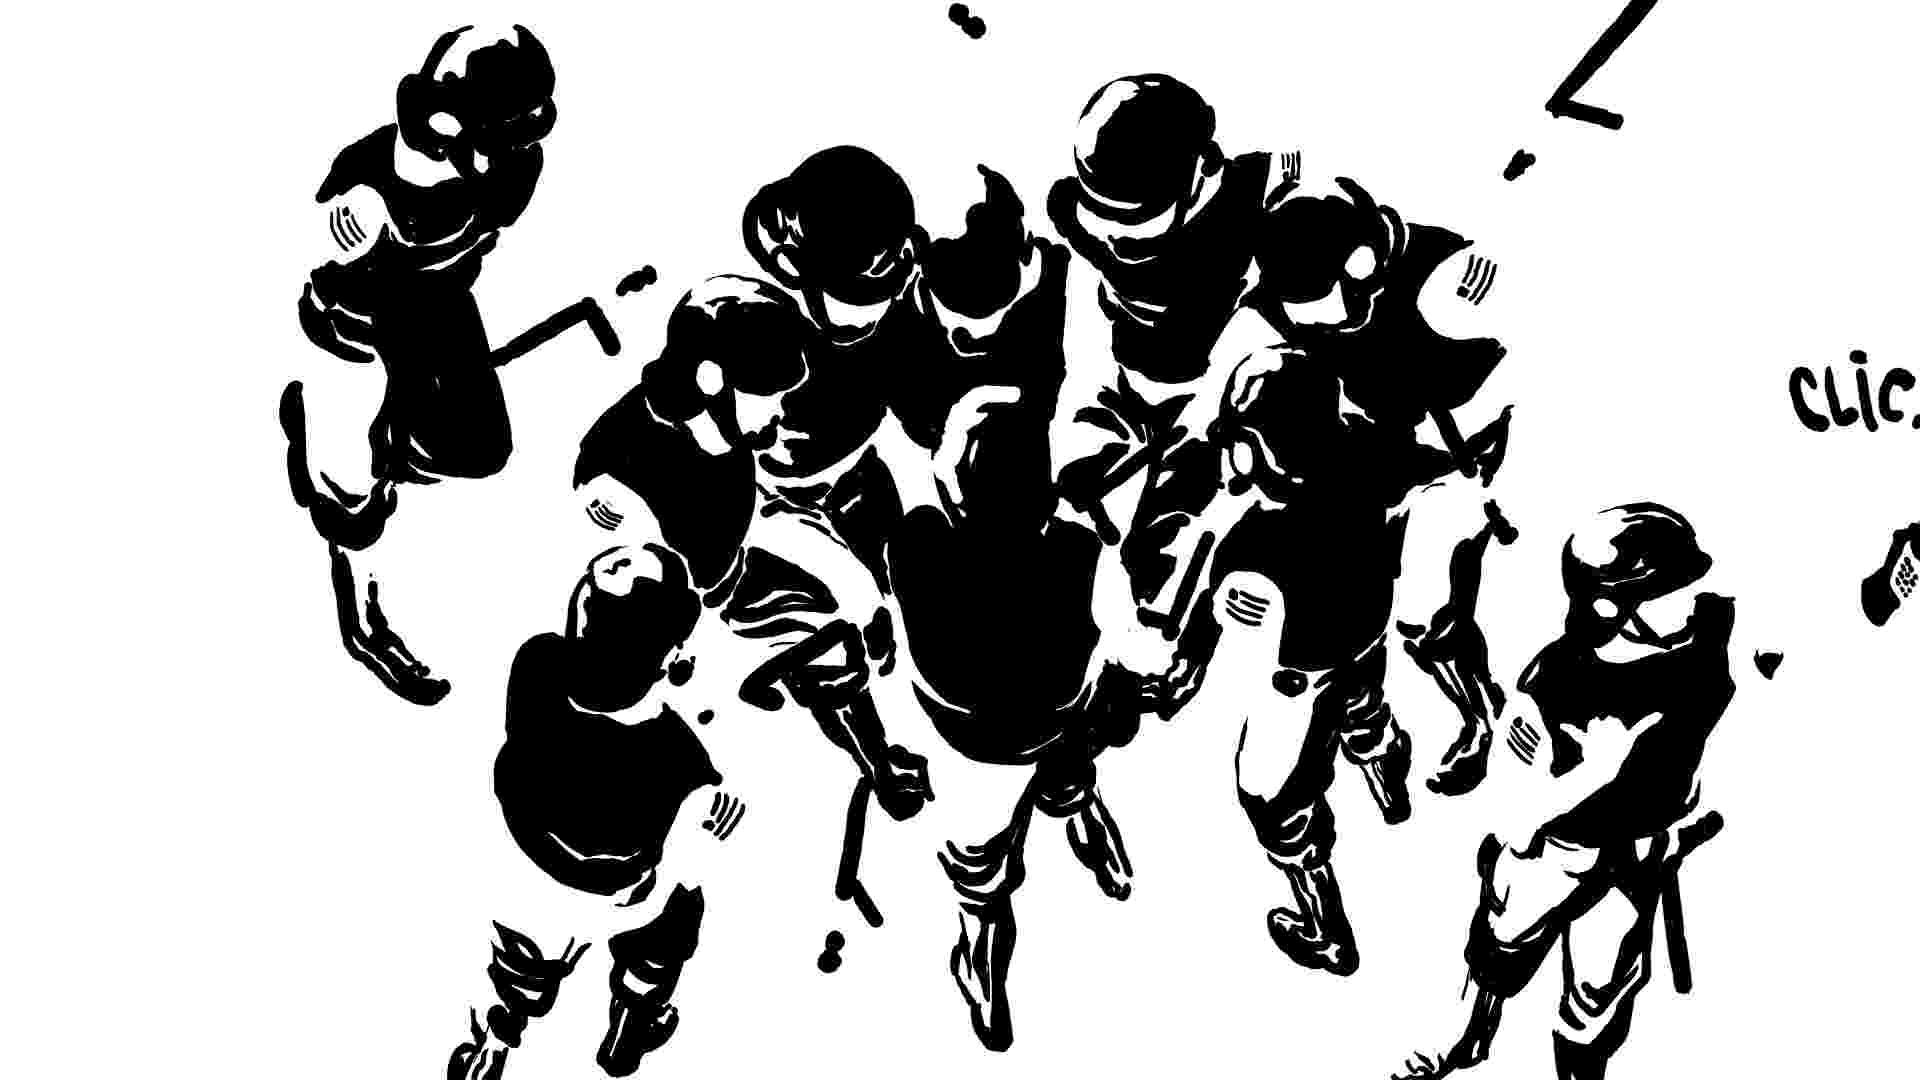 19.jun.2013 - Policiais da tropa de choque aparecem na charge de Rafael Coutinho sobre os protestos contra o aumento da tarifa do transporte público. De acordo o chargista, este trabalho vai integrar uma publicação especial organizada por quadrinista de todo o Brasil para arrecadar dinheiro para o movimento Passe Livre - Reprodução/raffa-bingo